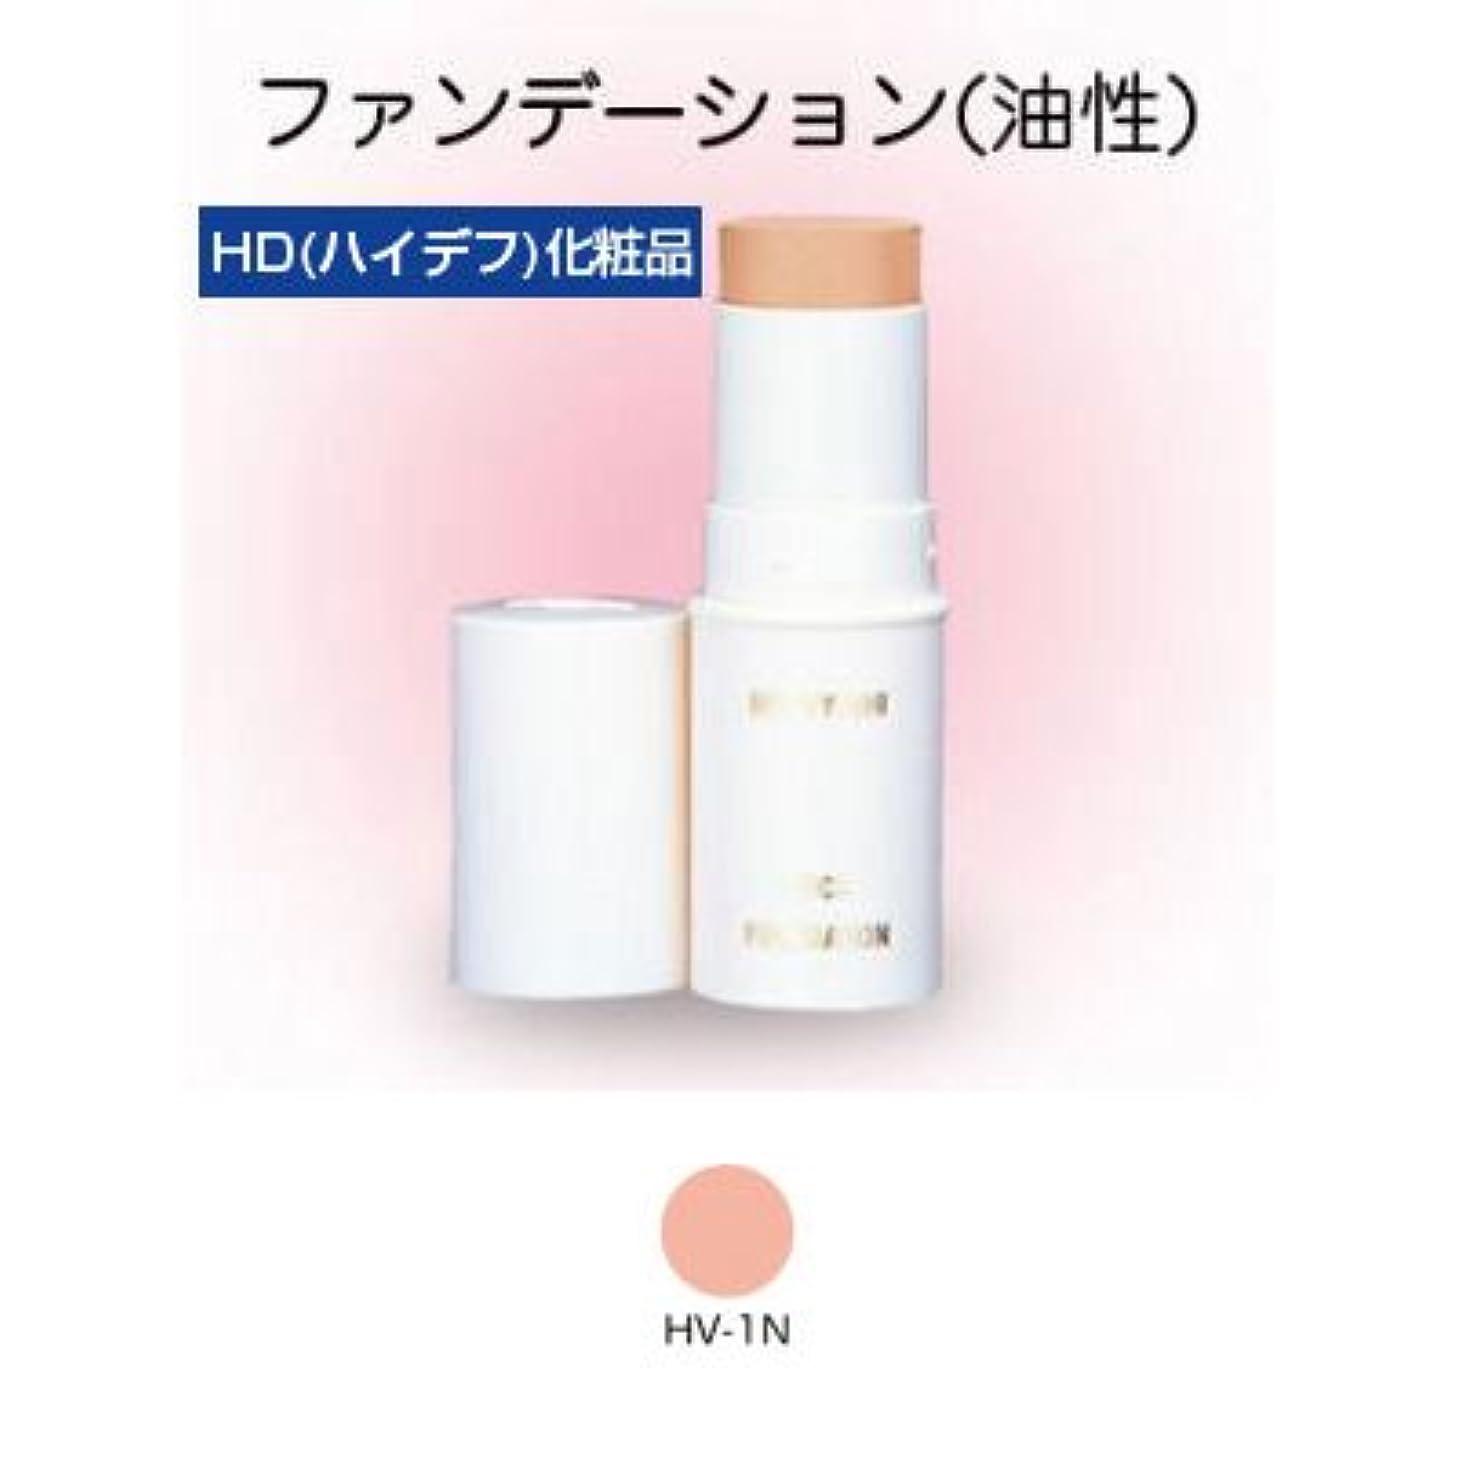 政府好奇心バッジスティックファンデーション HD化粧品 17g 1NY 【三善】